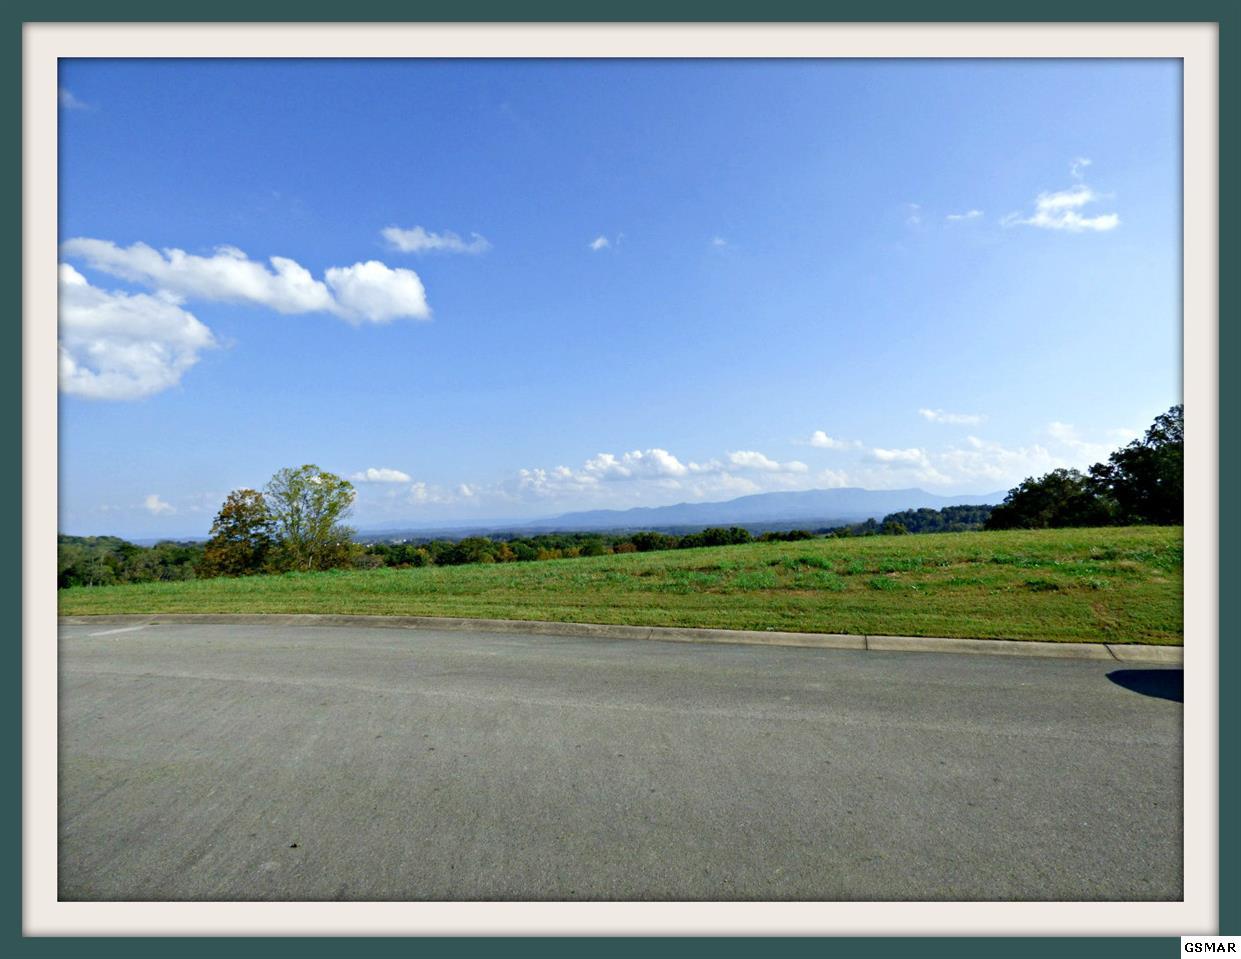 Lot 9 Hilltop View Dr., Dandridge, TN 37725